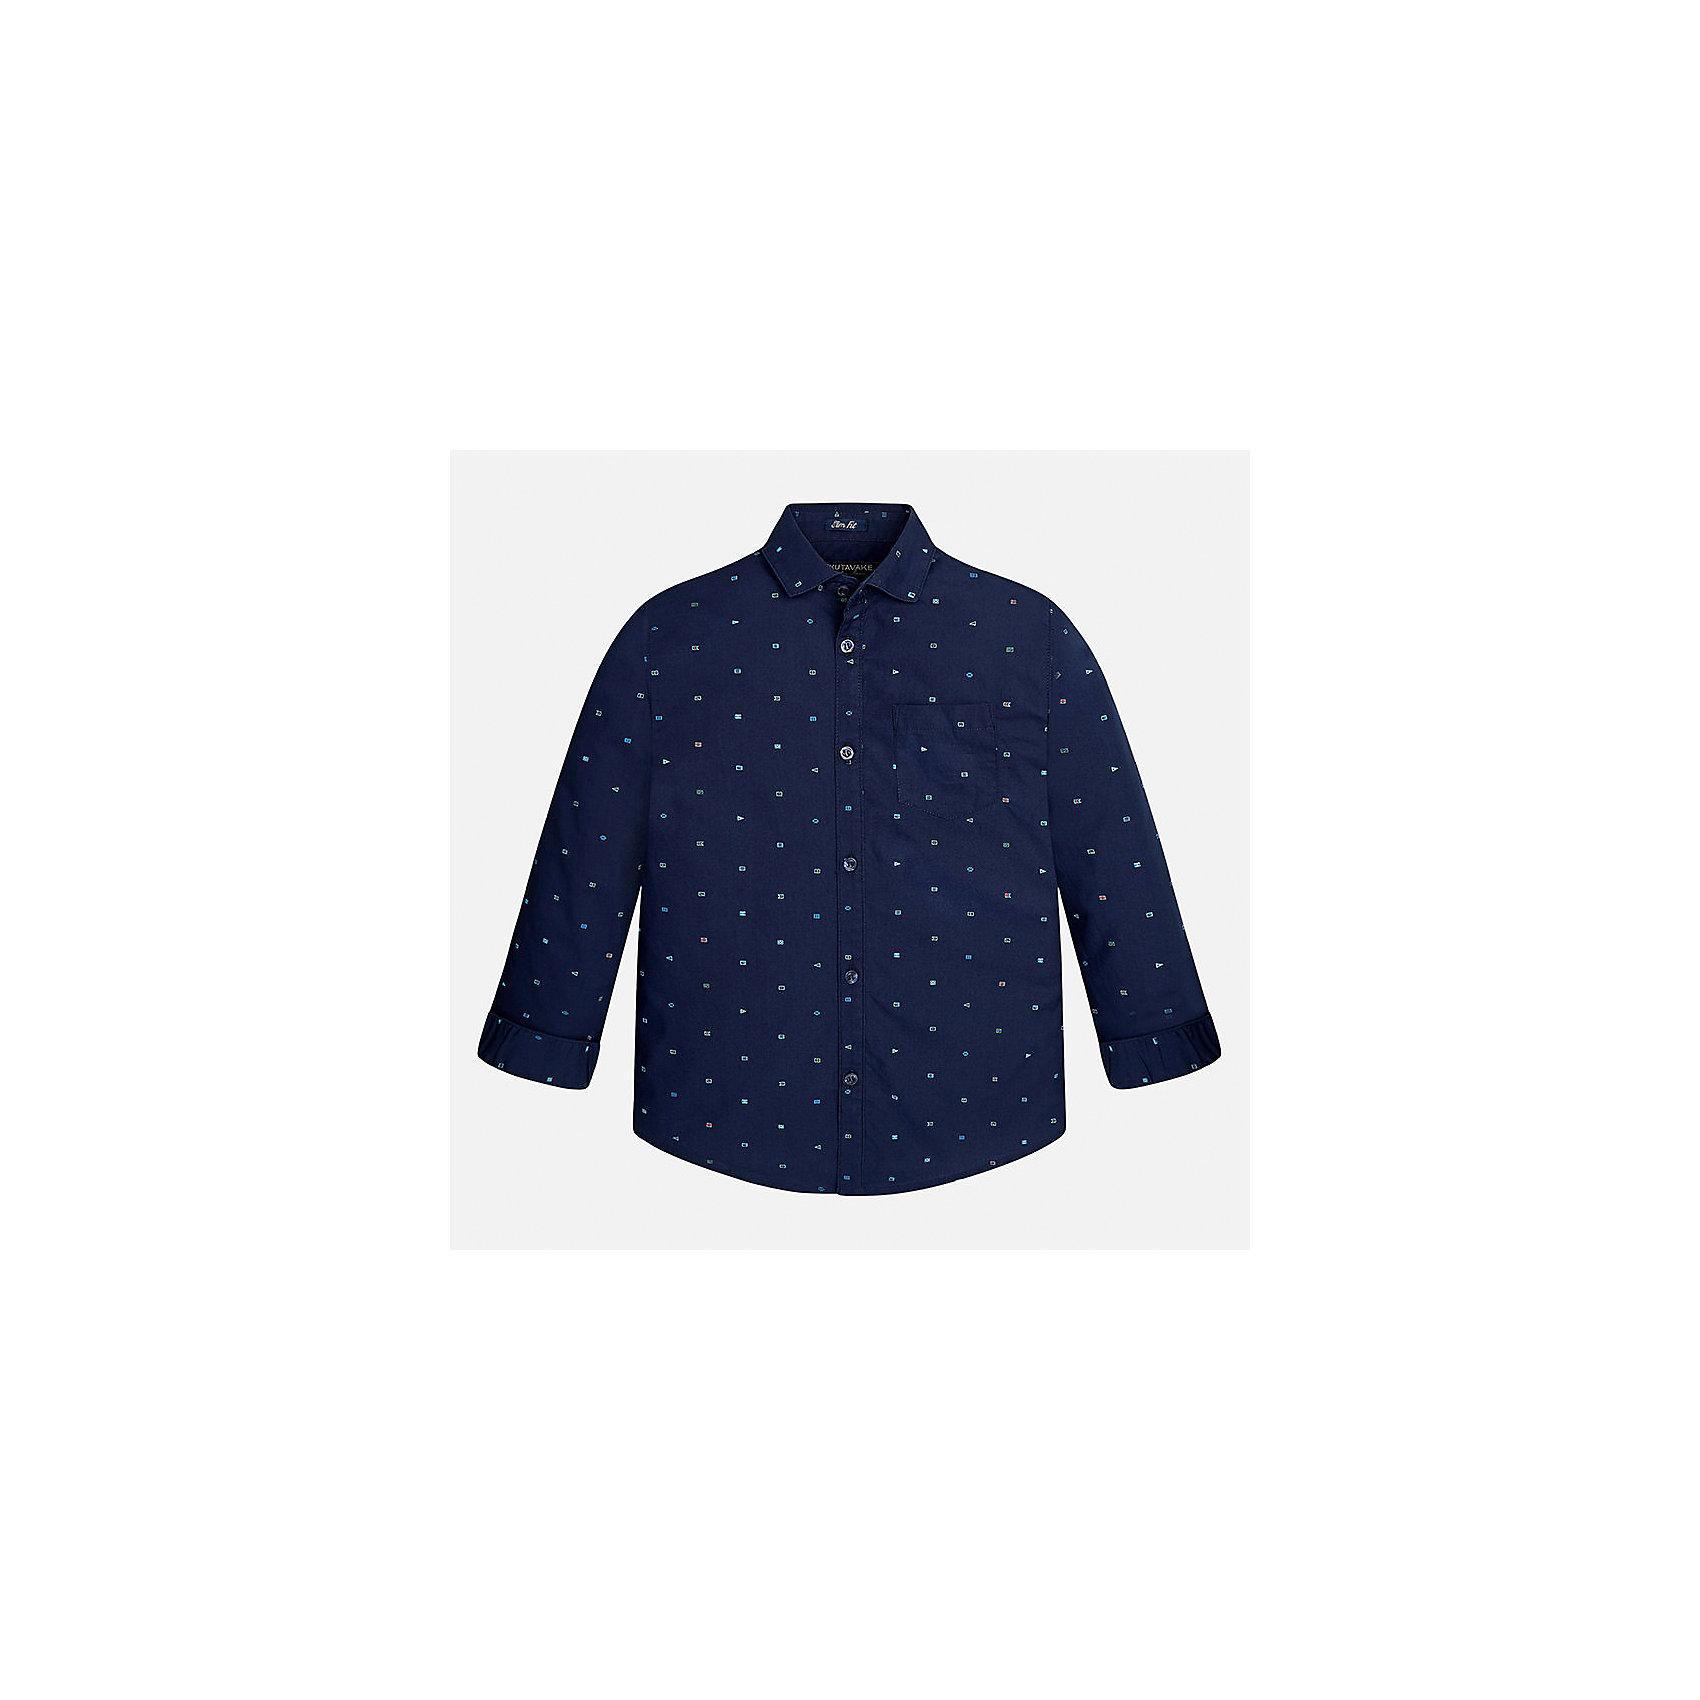 Рубашка Mayoral для мальчикаБлузки и рубашки<br>Характеристики товара:<br><br>• цвет: синий<br>• состав ткани: 100% хлопок<br>• сезон: демисезон<br>• особенности модели: школьная<br>• застежка: пуговицы<br>• длинные рукава<br>• страна бренда: Испания<br>• страна изготовитель: Индия<br><br>Такая рубашка с длинным рукавом для мальчика Mayoral удобно сидит по фигуре. Стильная детская рубашка сделана из натуральной хлопковой ткани. Отличный способ обеспечить ребенку комфорт и аккуратный внешний вид - надеть детскую рубашку от Mayoral. Детская рубашка с длинным рукавом сшита из приятного на ощупь материала. <br><br>Рубашку для мальчика Mayoral (Майорал) можно купить в нашем интернет-магазине.<br><br>Ширина мм: 174<br>Глубина мм: 10<br>Высота мм: 169<br>Вес г: 157<br>Цвет: белый<br>Возраст от месяцев: 168<br>Возраст до месяцев: 180<br>Пол: Мужской<br>Возраст: Детский<br>Размер: 140,152,158,164,170,128/134<br>SKU: 6933535